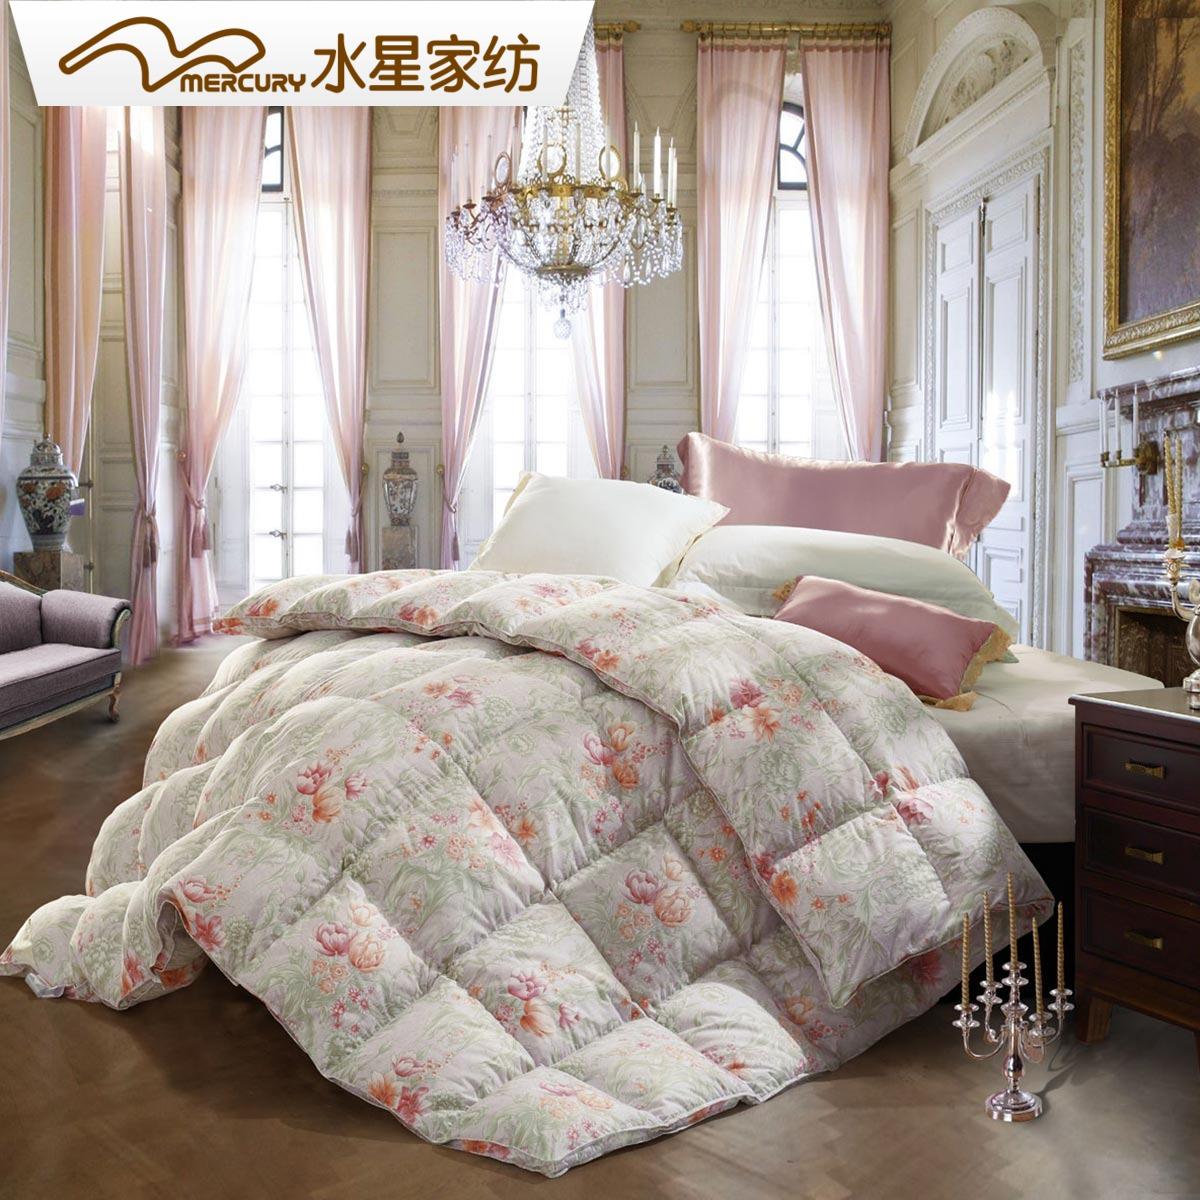 水星家纺95白鹅绒冬被加厚保暖双人羽绒被鹅绒冬被床上用品暖寐